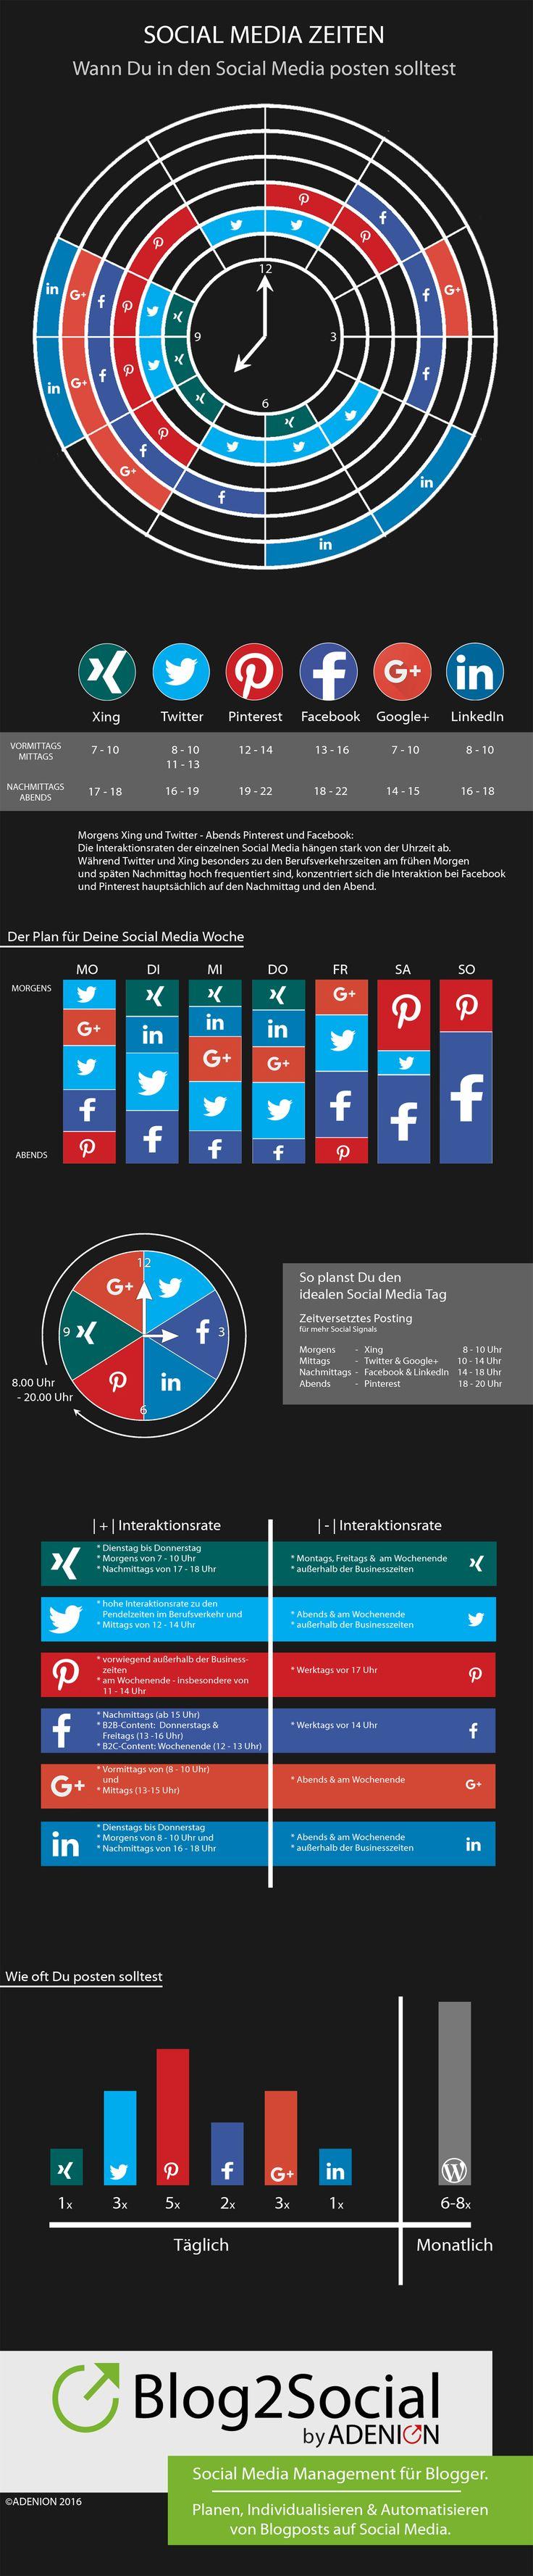 Die besten Zeiten für Social Media: Morgens Twitter & Xing, abends Facebook & Pinterest | Kroker's Look @ IT